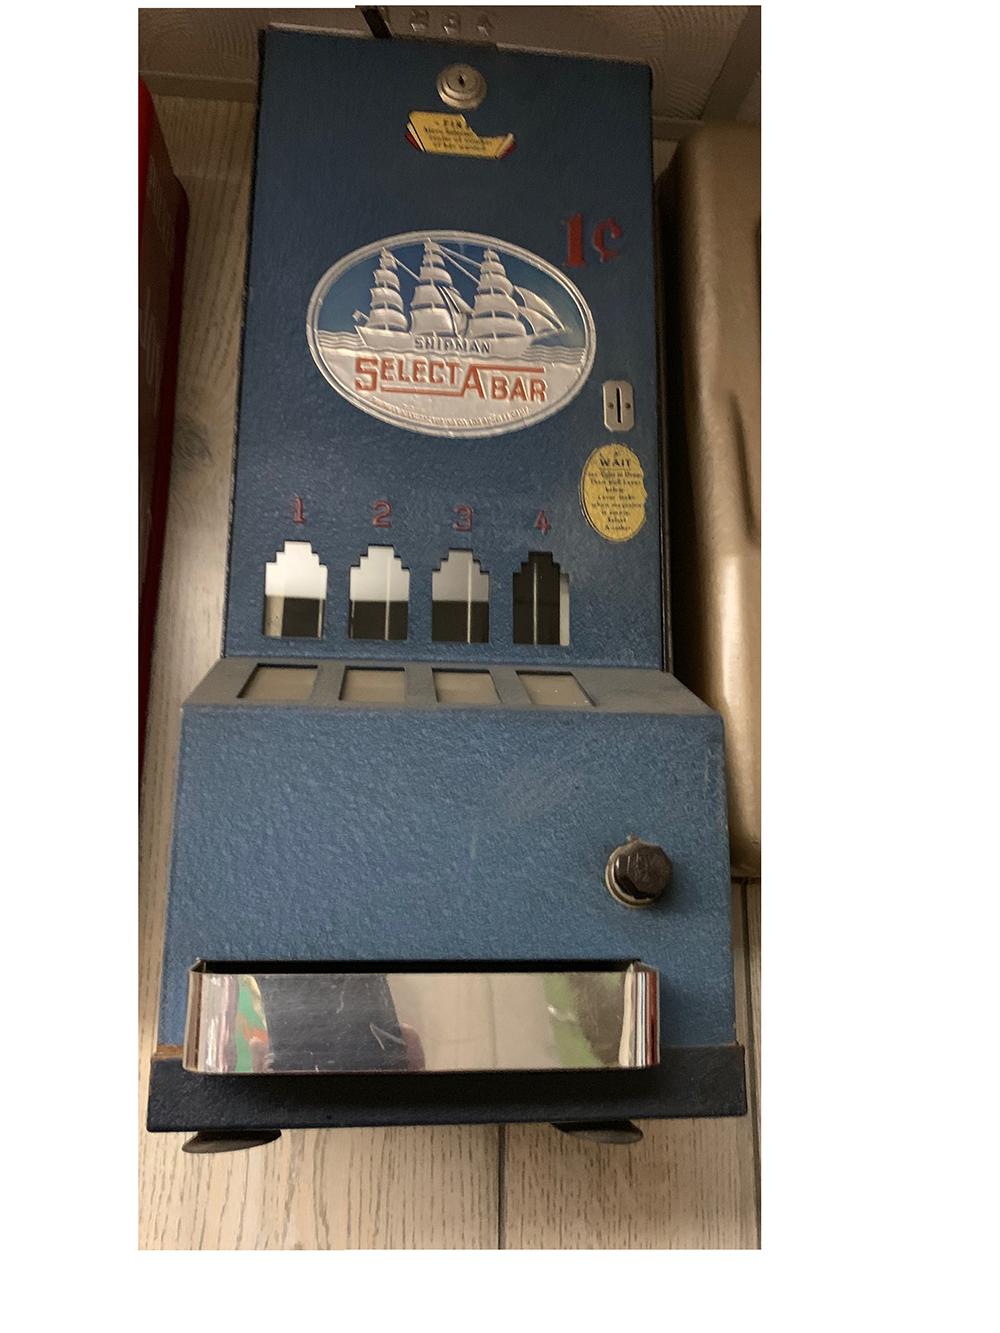 Vintage Shipman Select a Bar Vending Machine